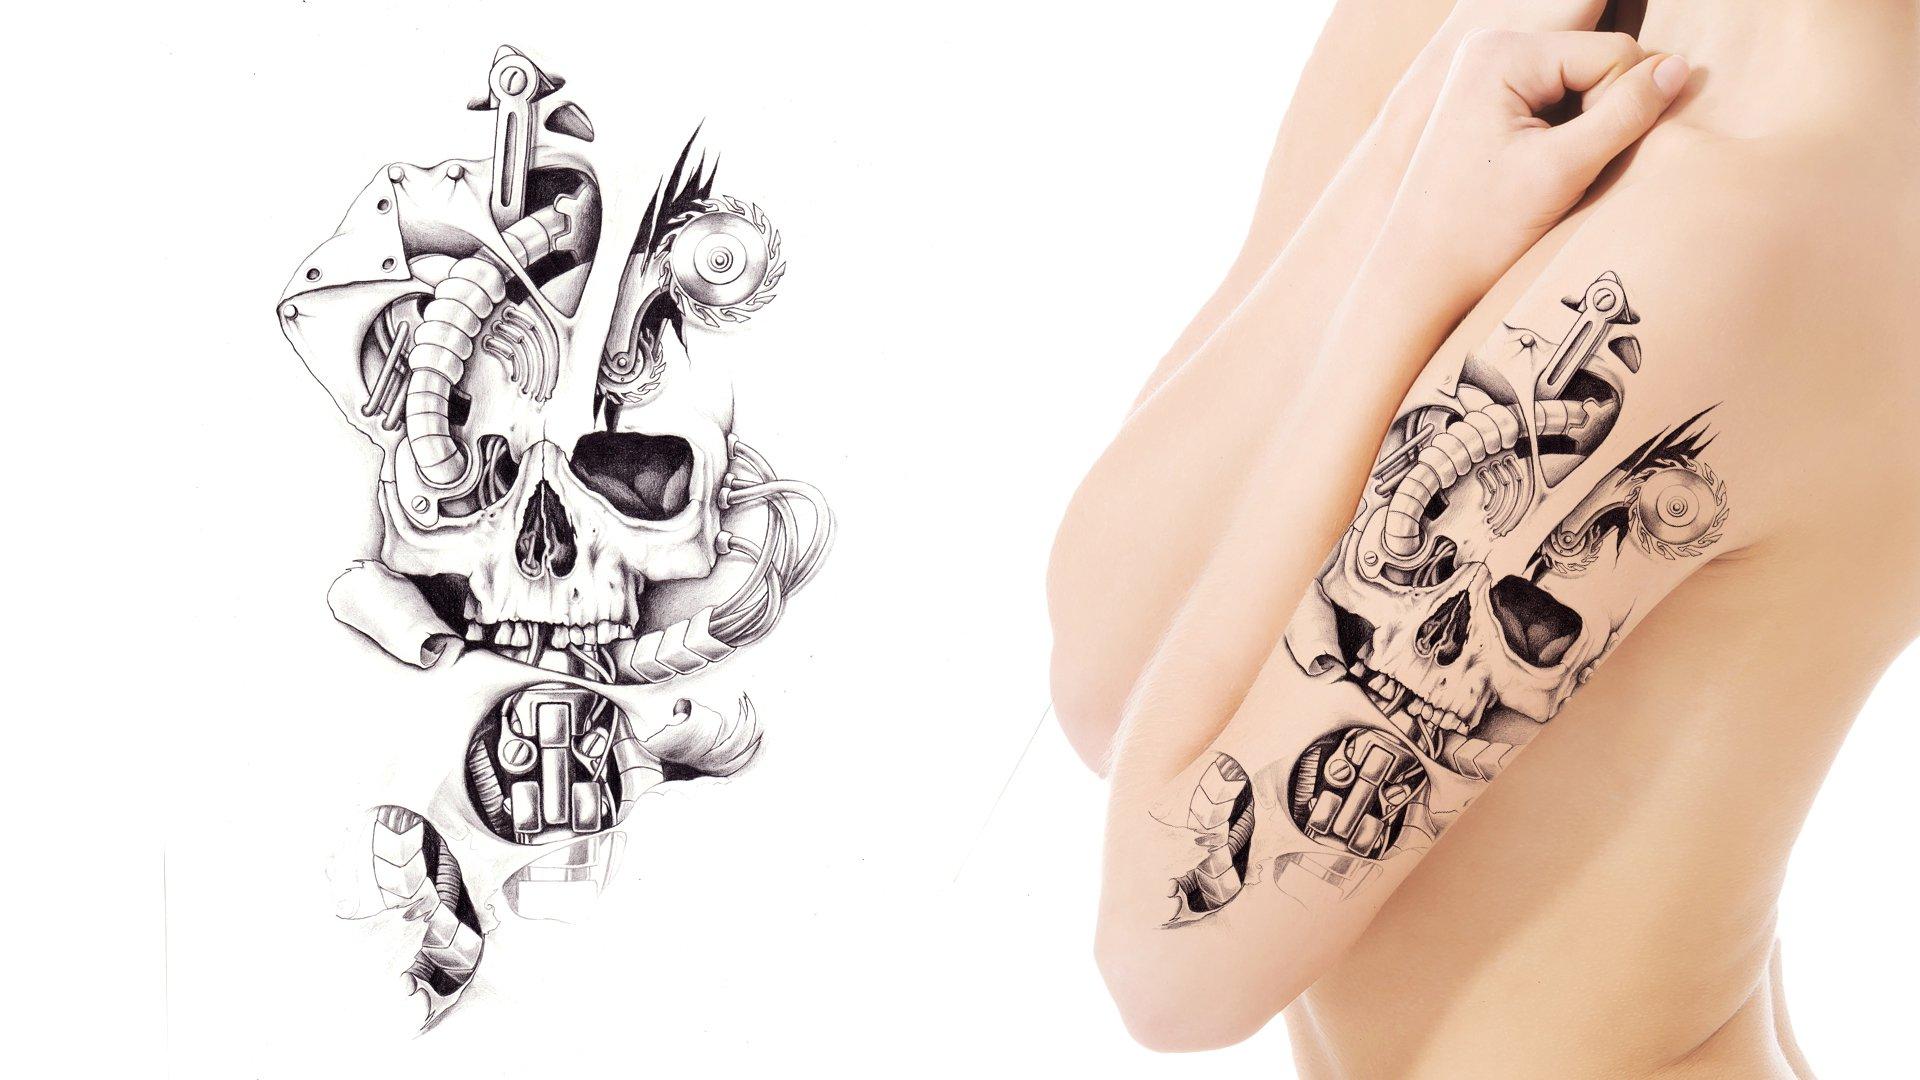 shop 53 custom tattoo amp art studio llc